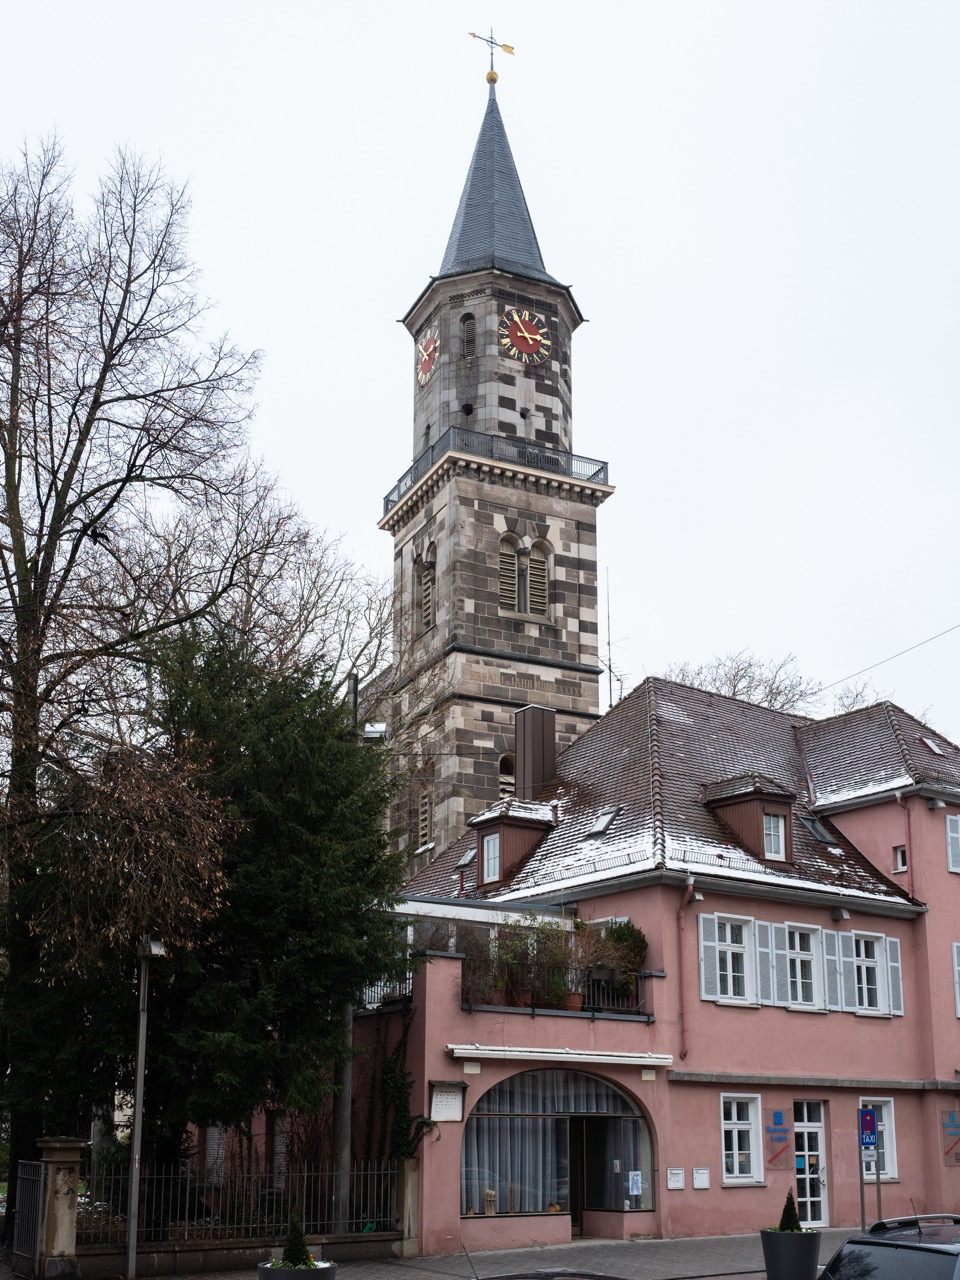 Ansicht des Turms von Südwesten